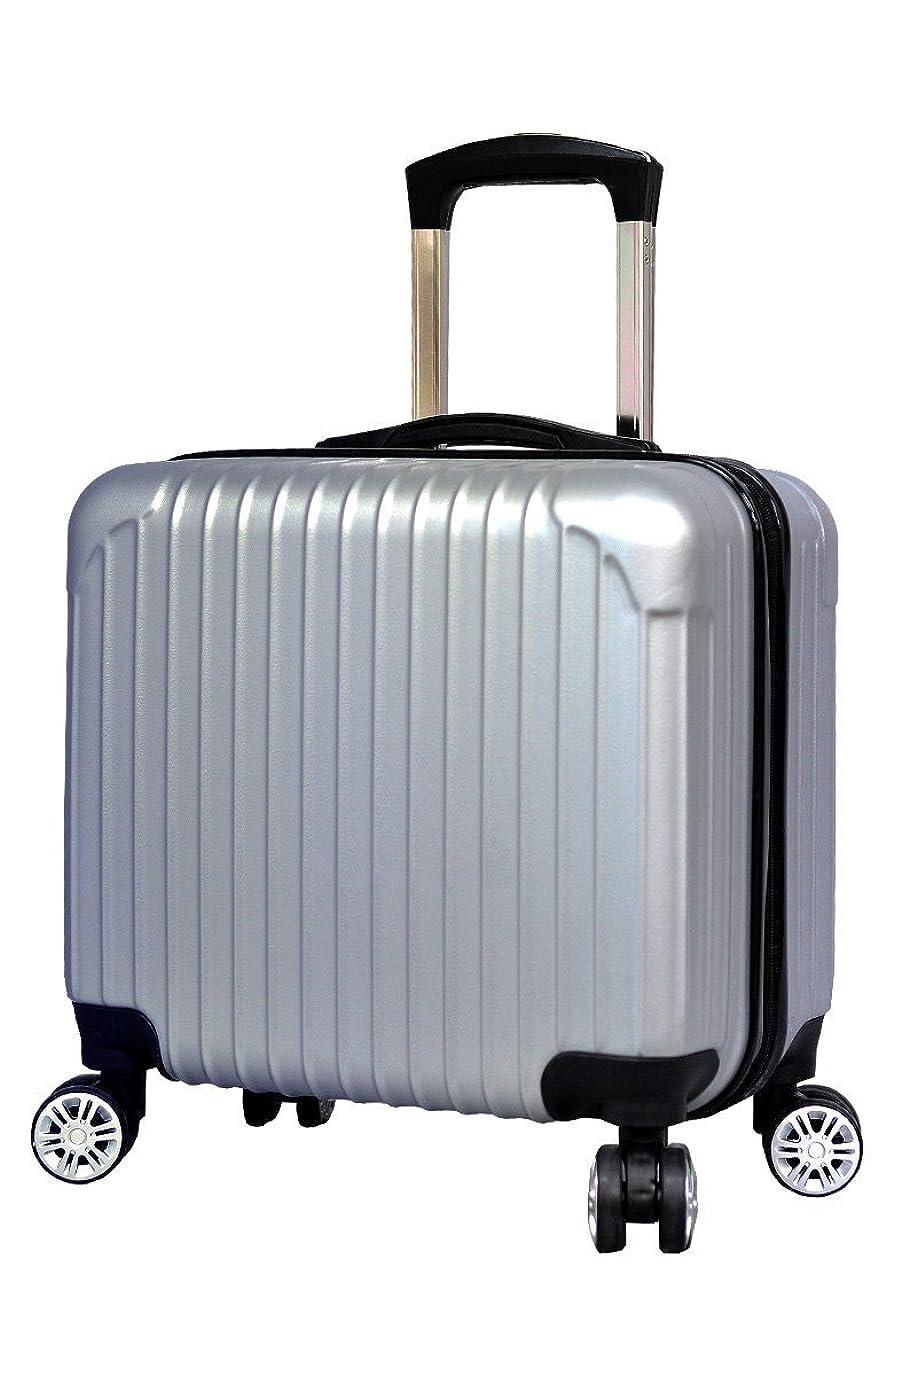 伝染性の本を読む戻すスーツケース 機内持ち込み [DJ002] 超軽量 16インチ 四輪 ABS キャリーケース